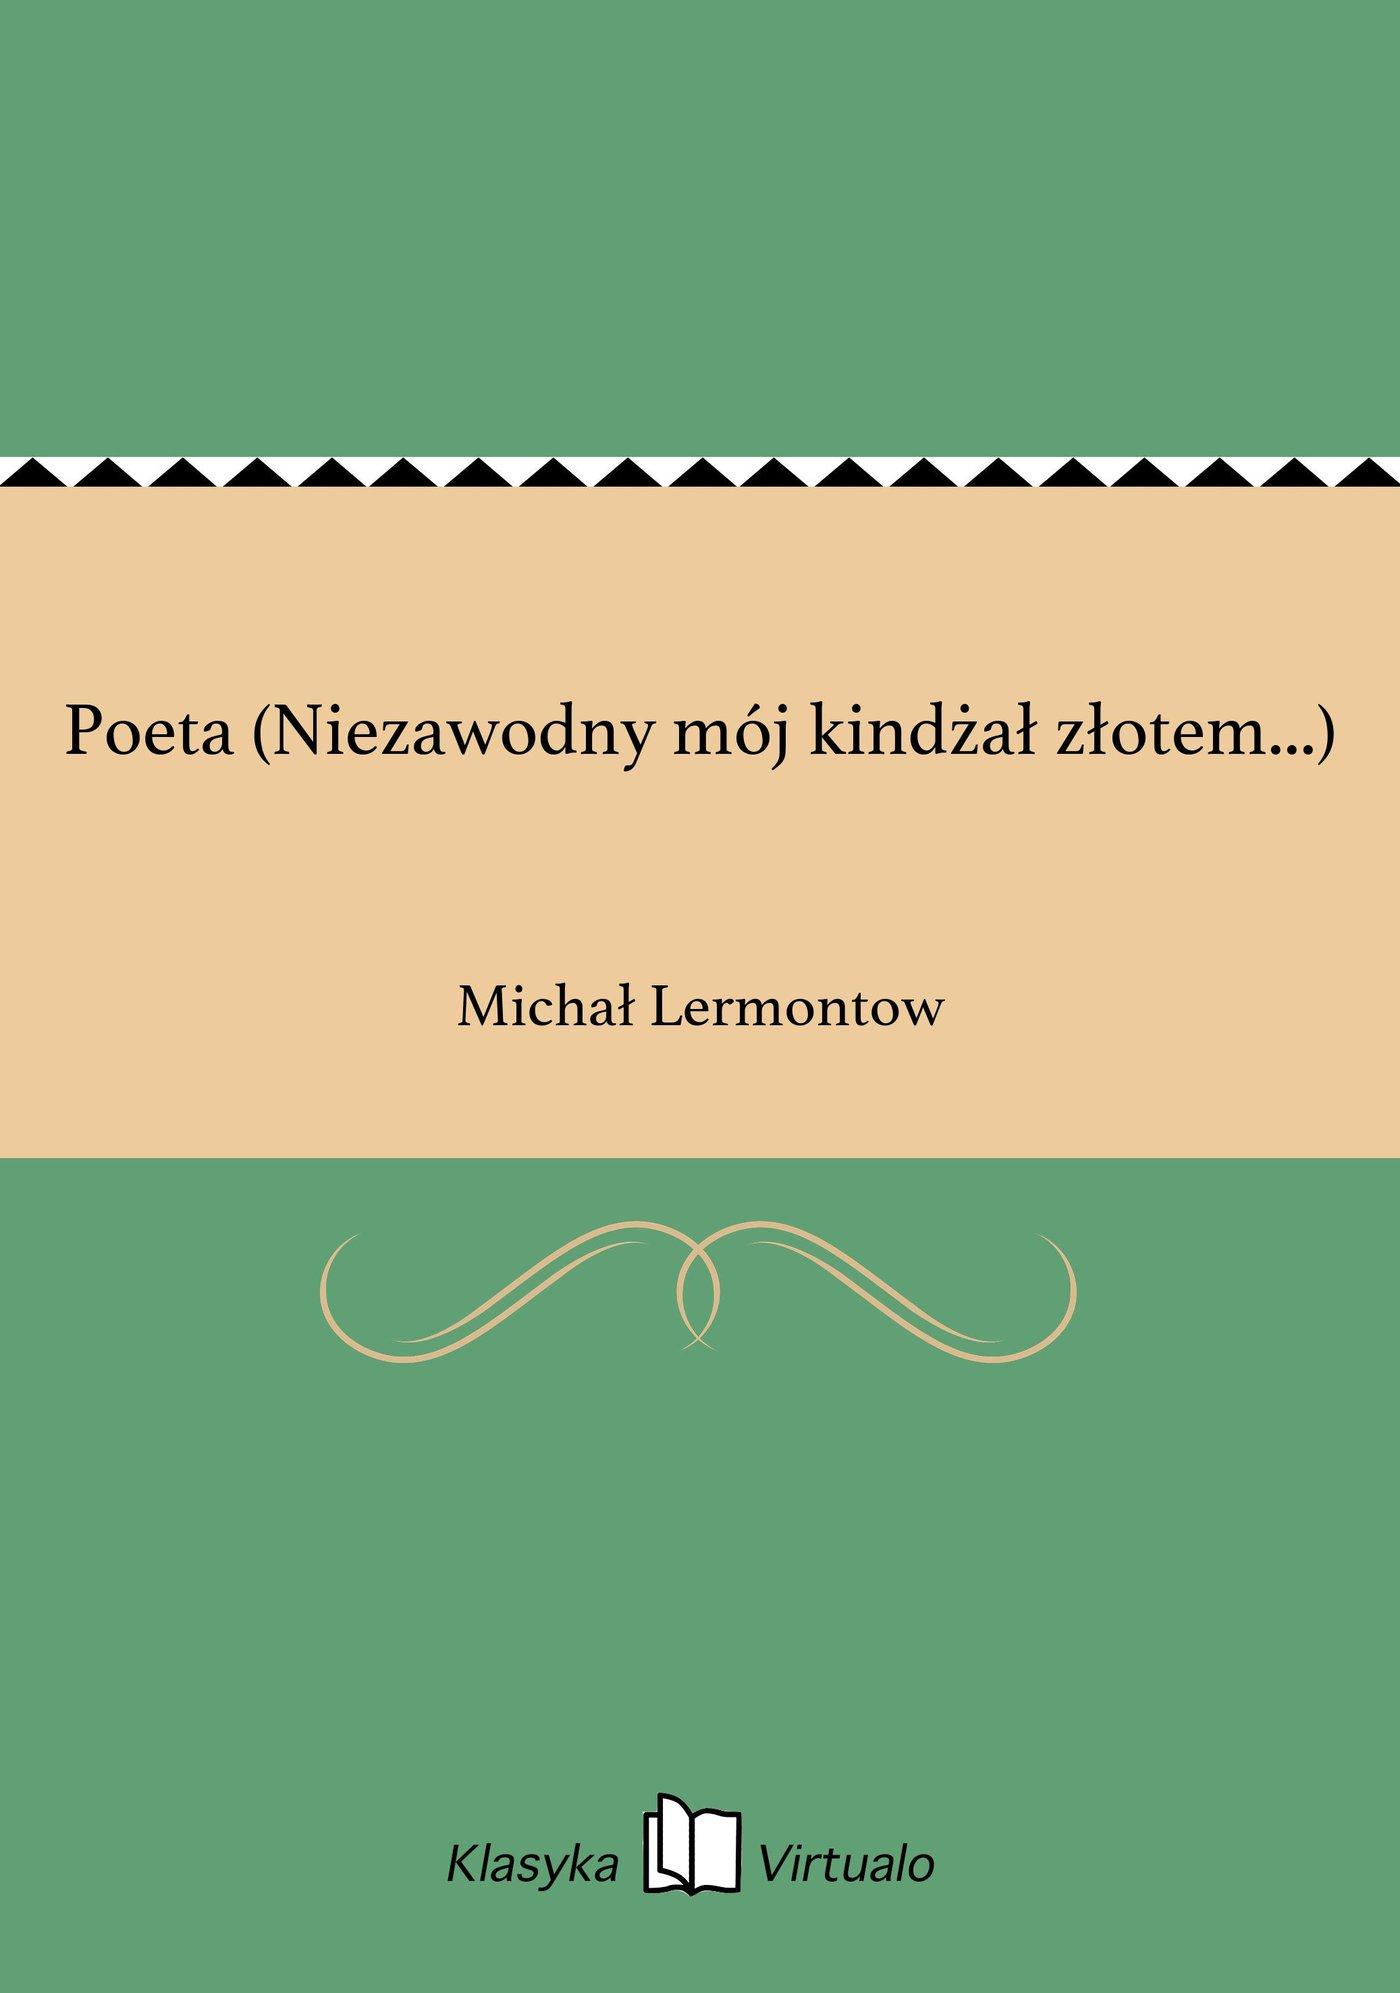 Poeta (Niezawodny mój kindżał złotem...) - Ebook (Książka EPUB) do pobrania w formacie EPUB